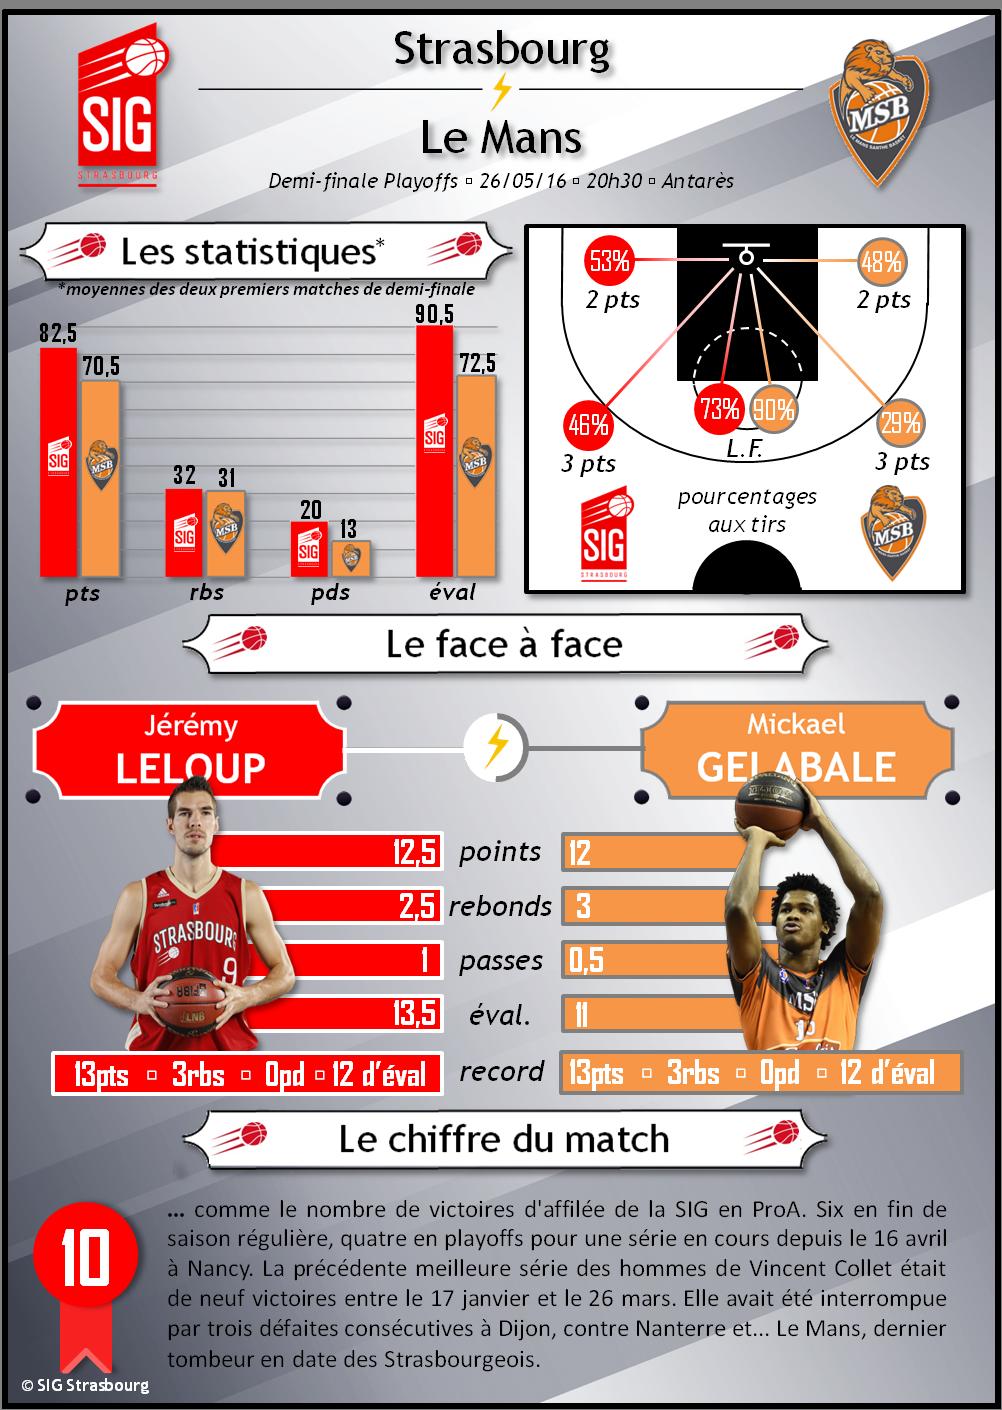 infographie SIG-Le mans match 3_2